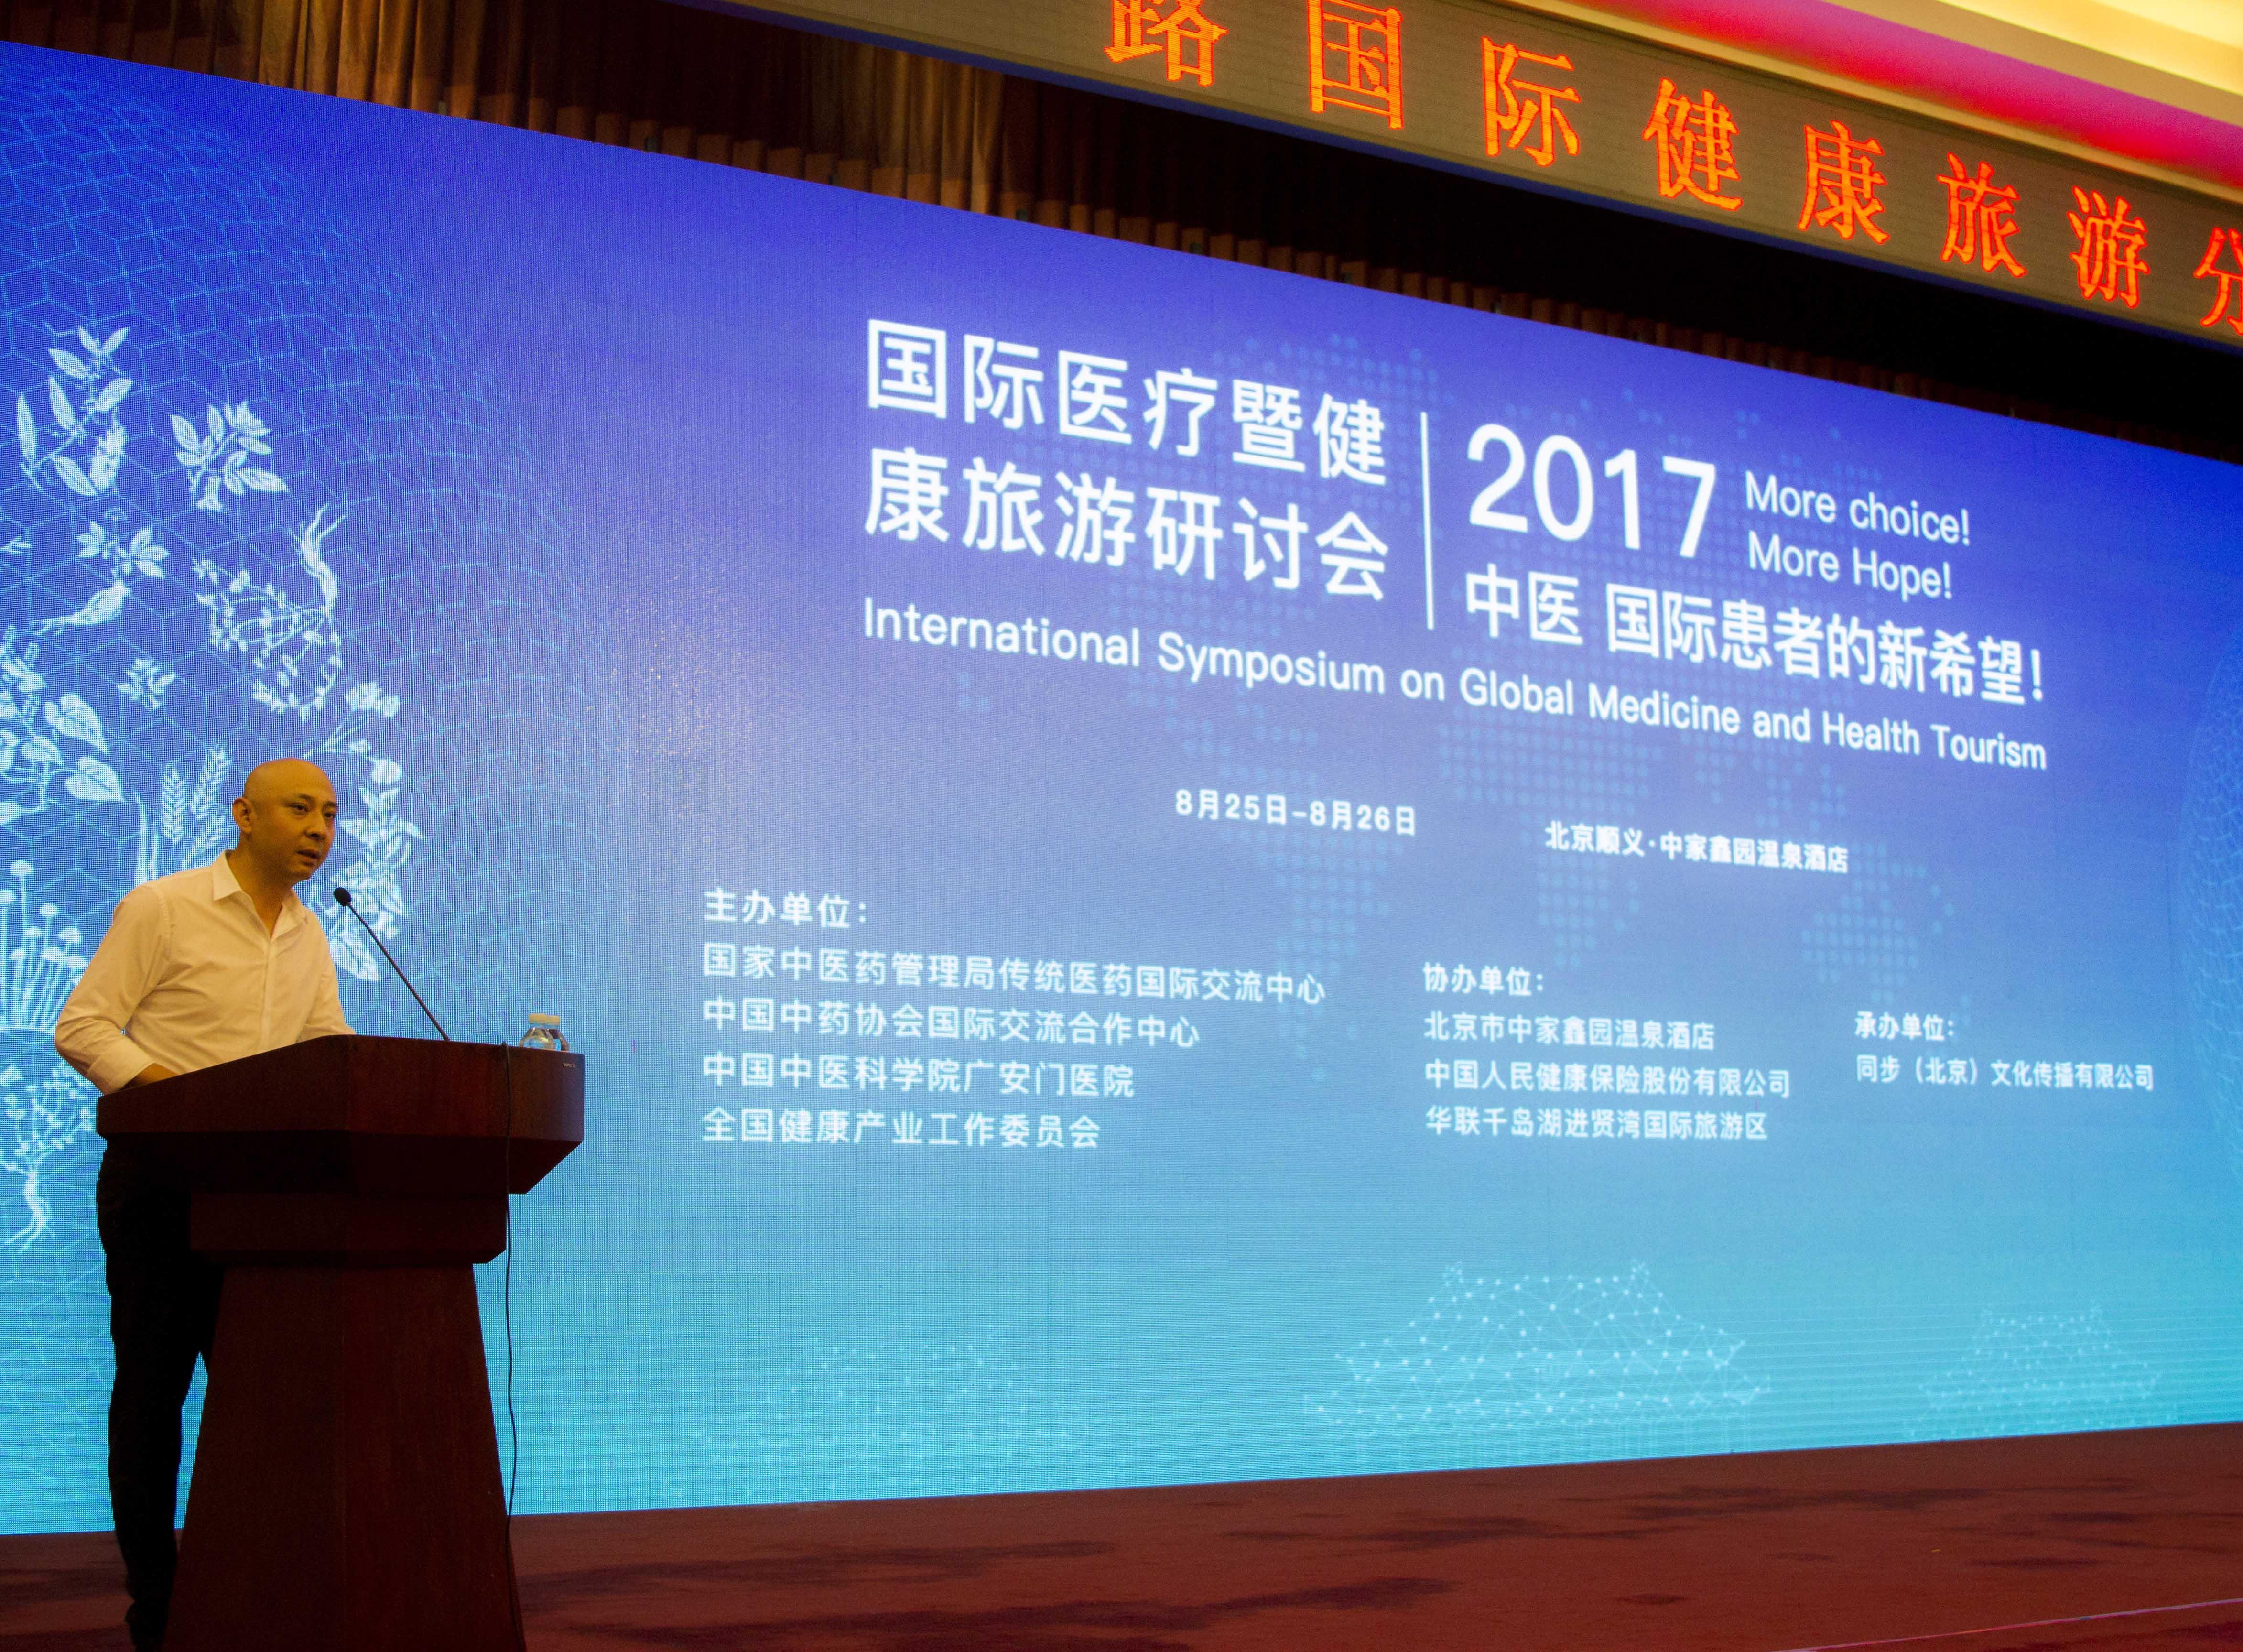 圲莯文传 | 2017国际医疗暨健康旅游研讨会隆重举行